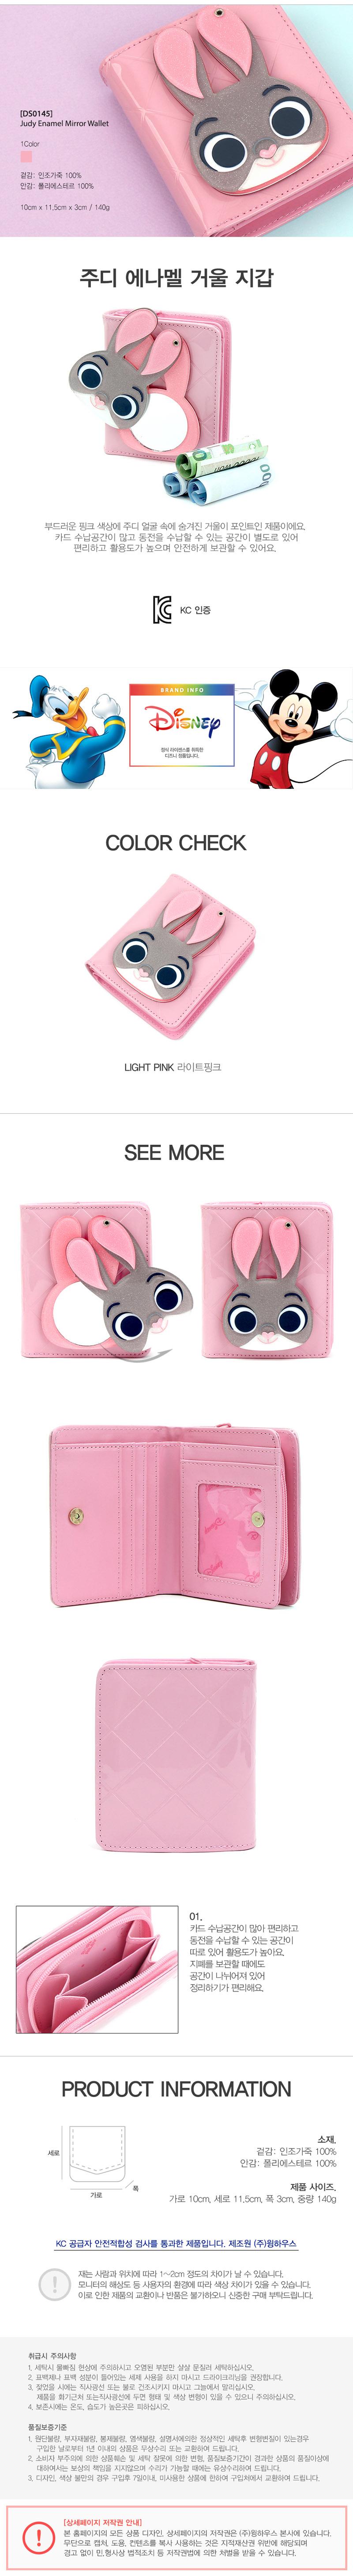 주디 에나멜 거울 지갑 디즈니 주토피아 캐릭터 지갑 - 쥬피터, 22,500원, 가방, 지갑